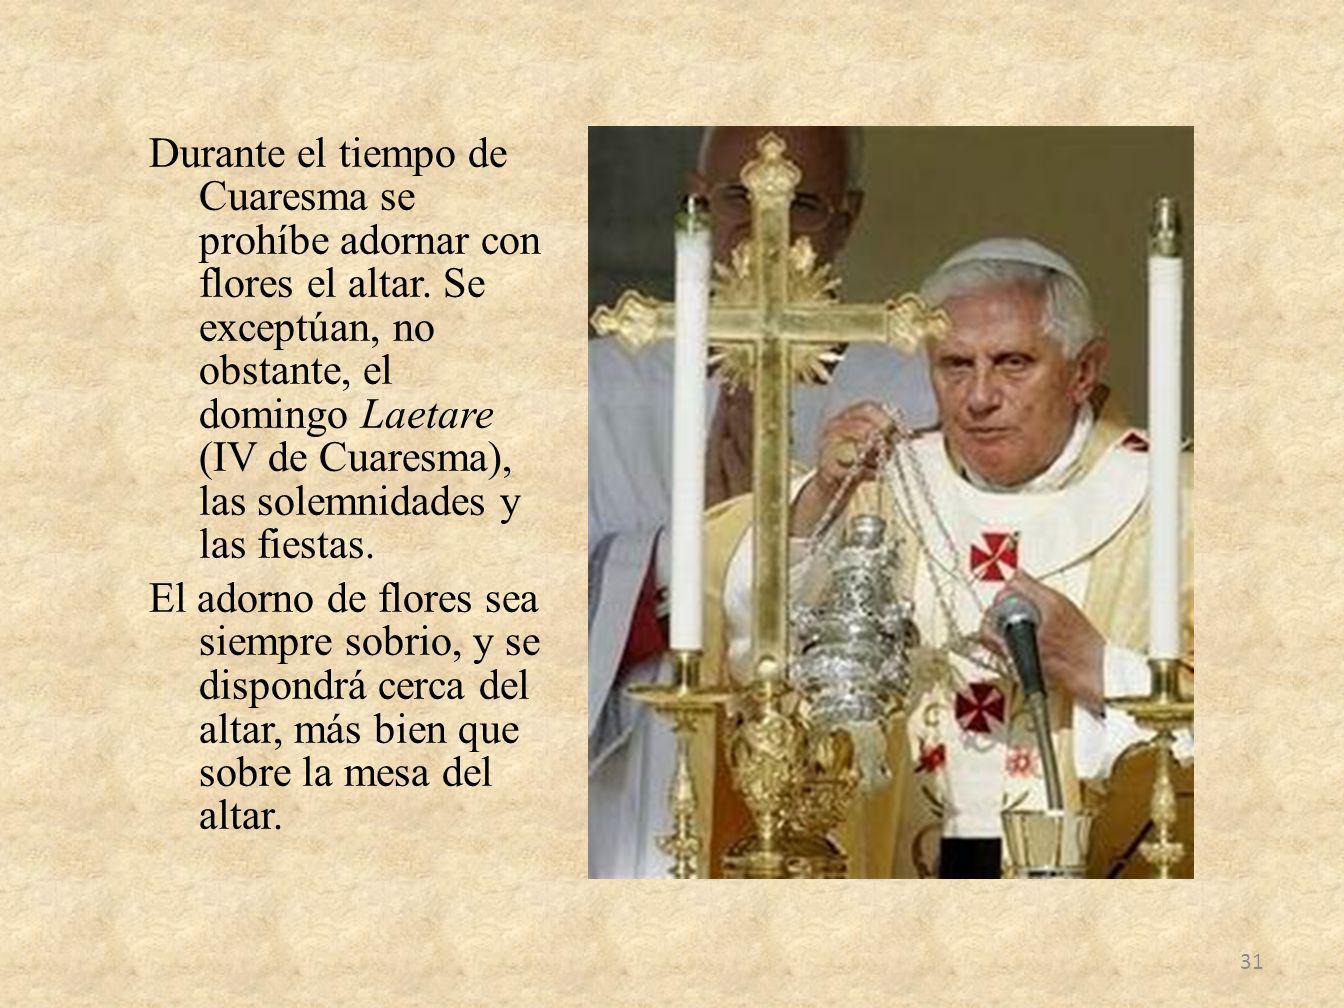 Durante el tiempo de Cuaresma se prohíbe adornar con flores el altar. Se exceptúan, no obstante, el domingo Laetare (IV de Cuaresma), las solemnidades